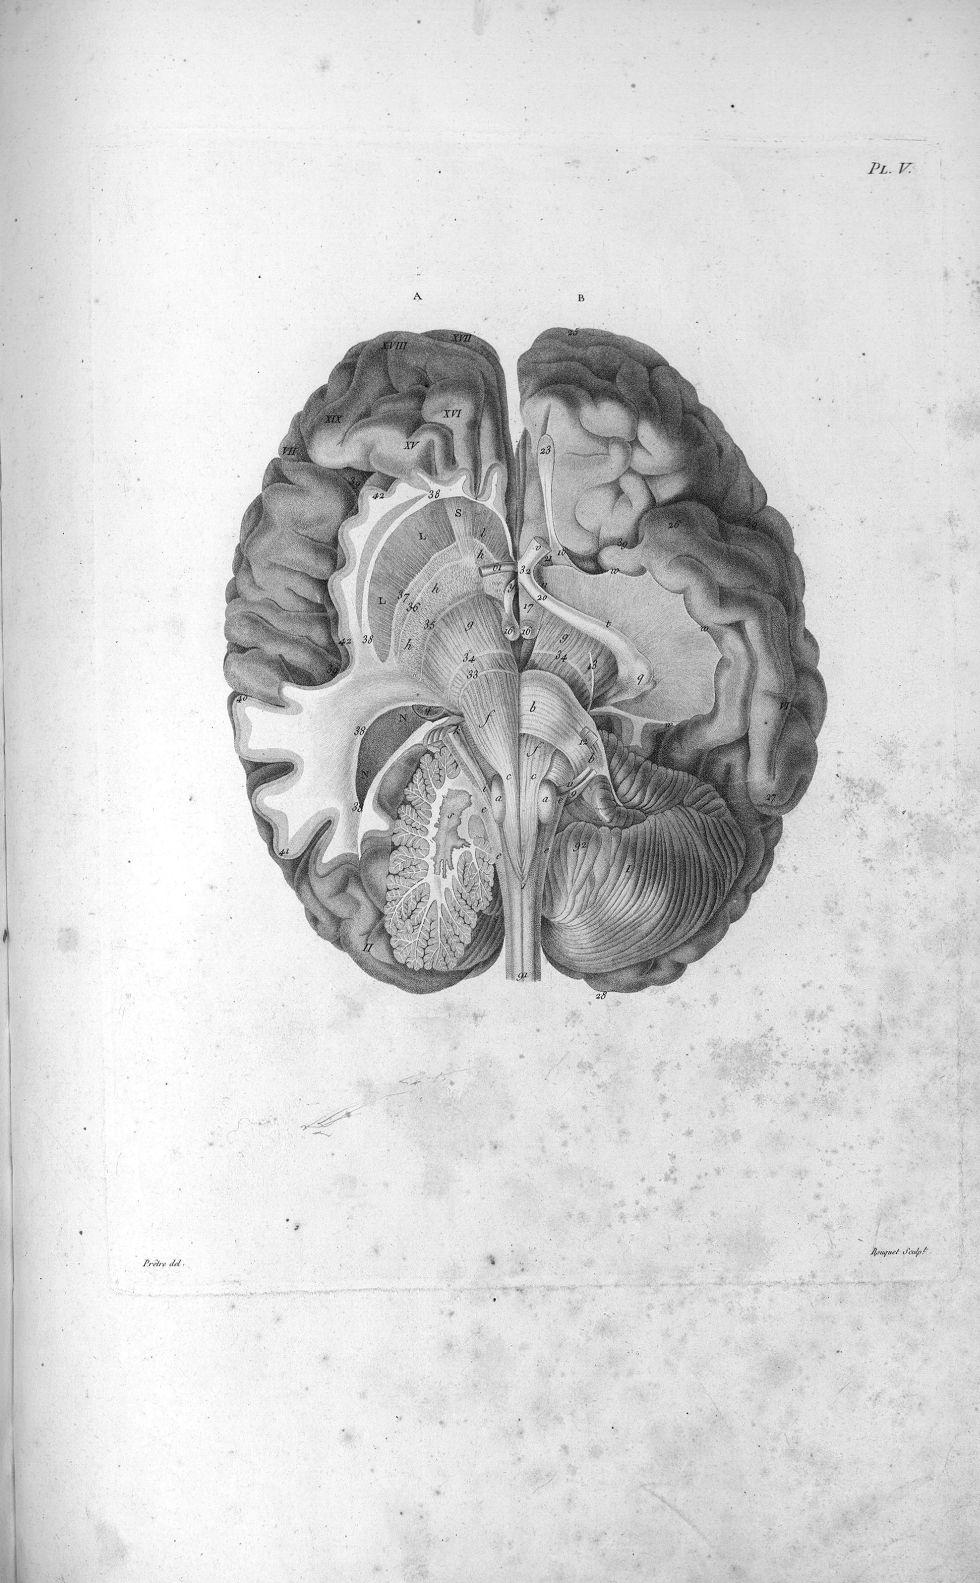 Pl. V. Représentation du cervelet et d'une partie de la base du cerveau - Anatomie et physiologie du [...] - Anatomie. Neurologie. Cerveaux (têtes). 19e siècle (France) - med00575x01x0313